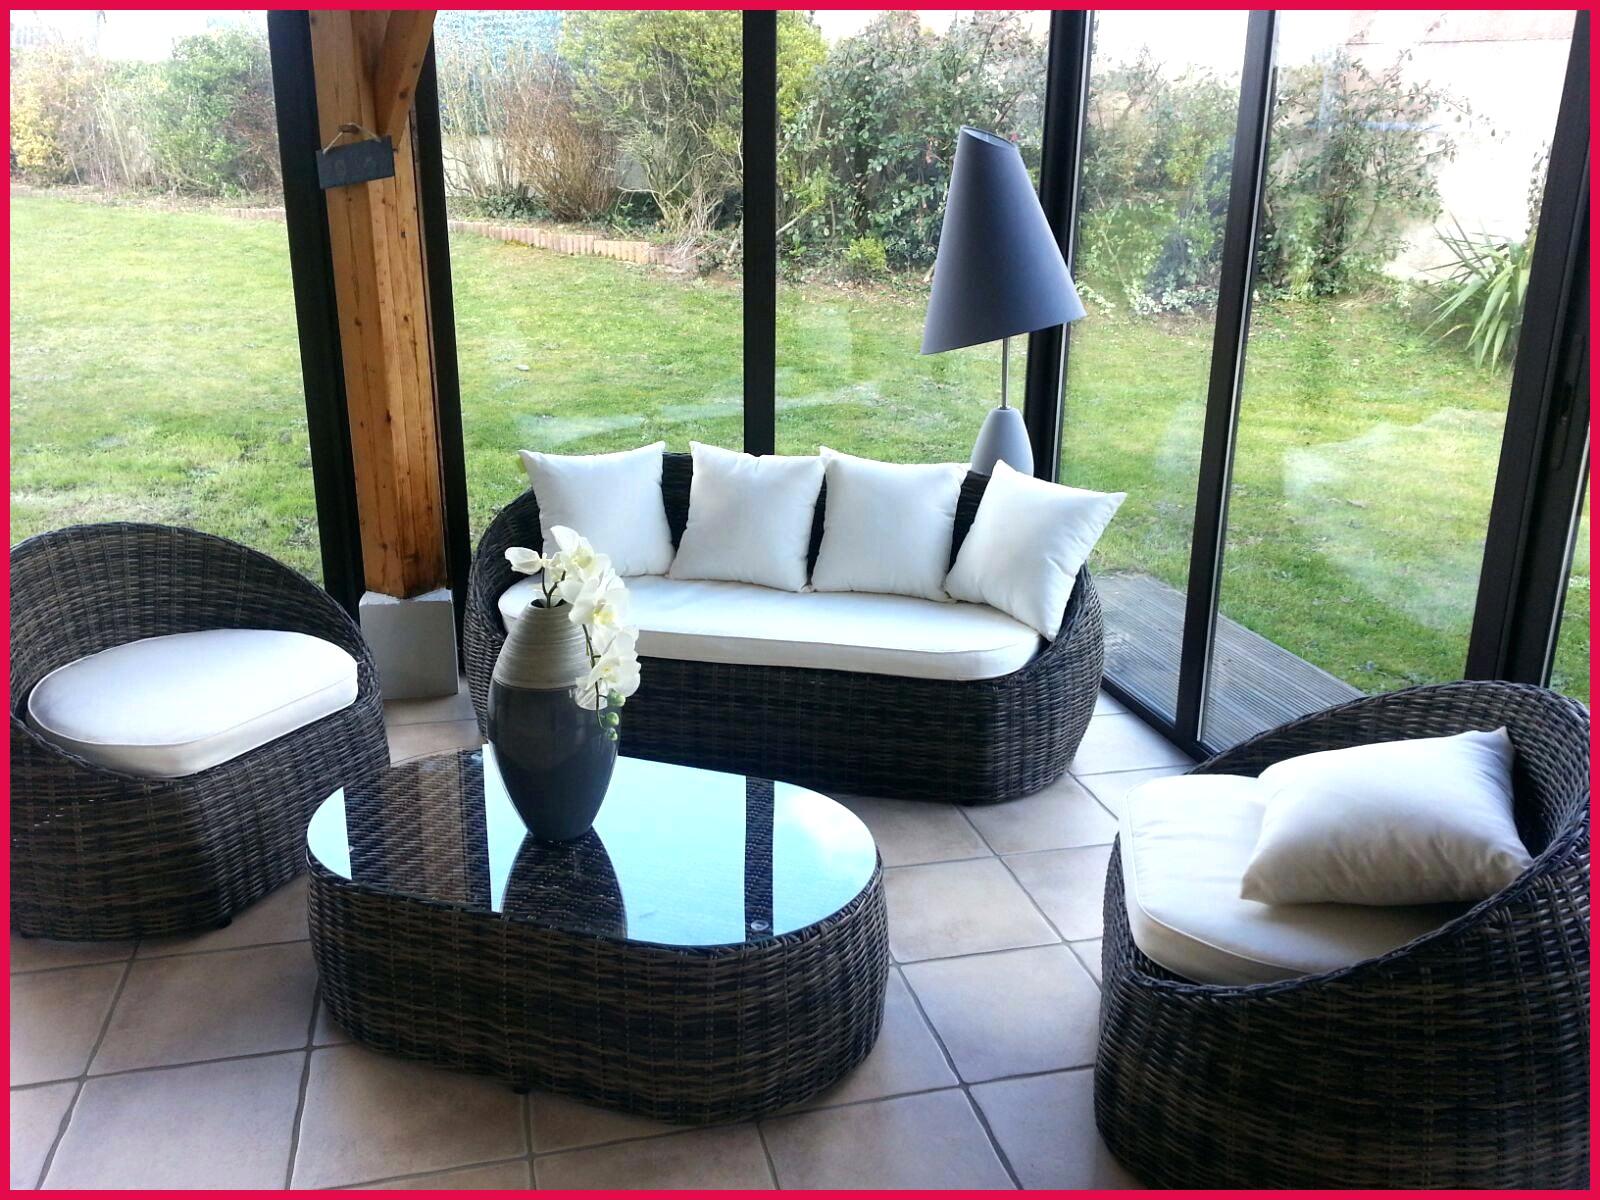 salon de jardin praslin blooma abri de jardin et. Black Bedroom Furniture Sets. Home Design Ideas